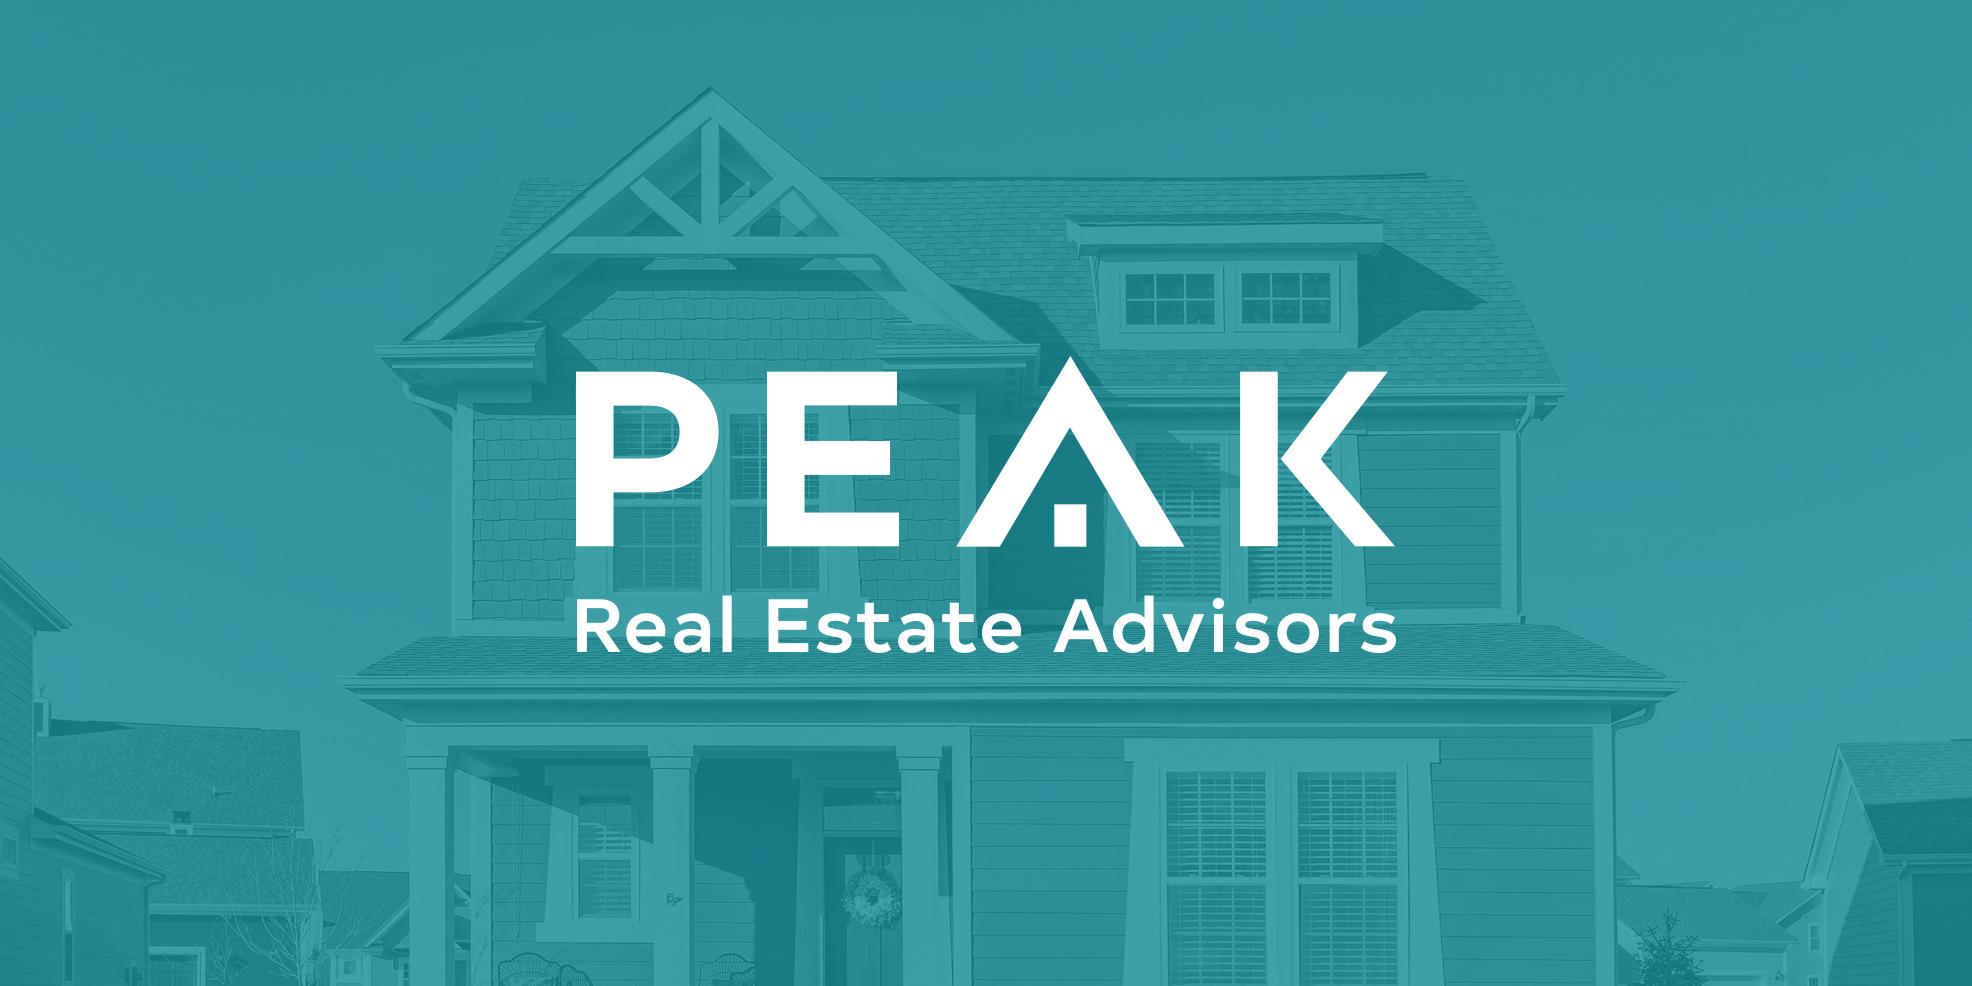 peak-logo-white_teal-overlay.jpg